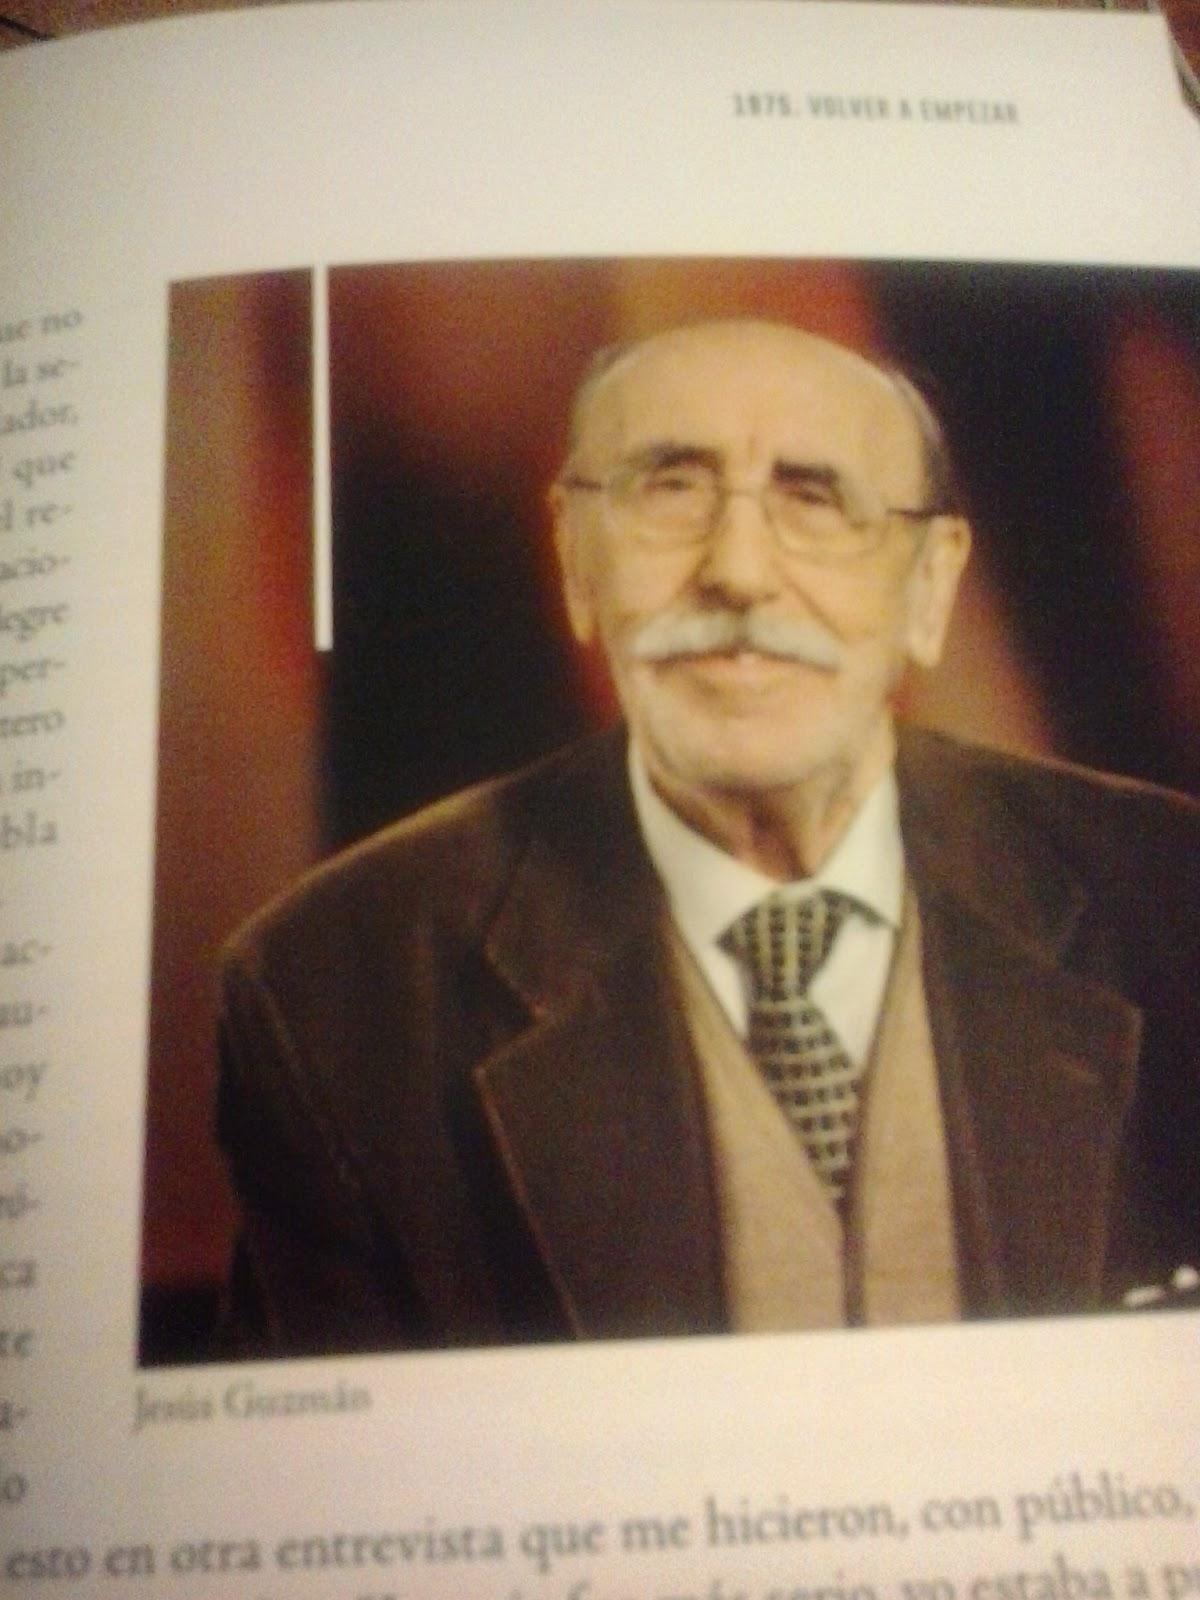 El actor Jesús Guzmán recuerda al cartero de Crónicas de un pueblo en España en serie